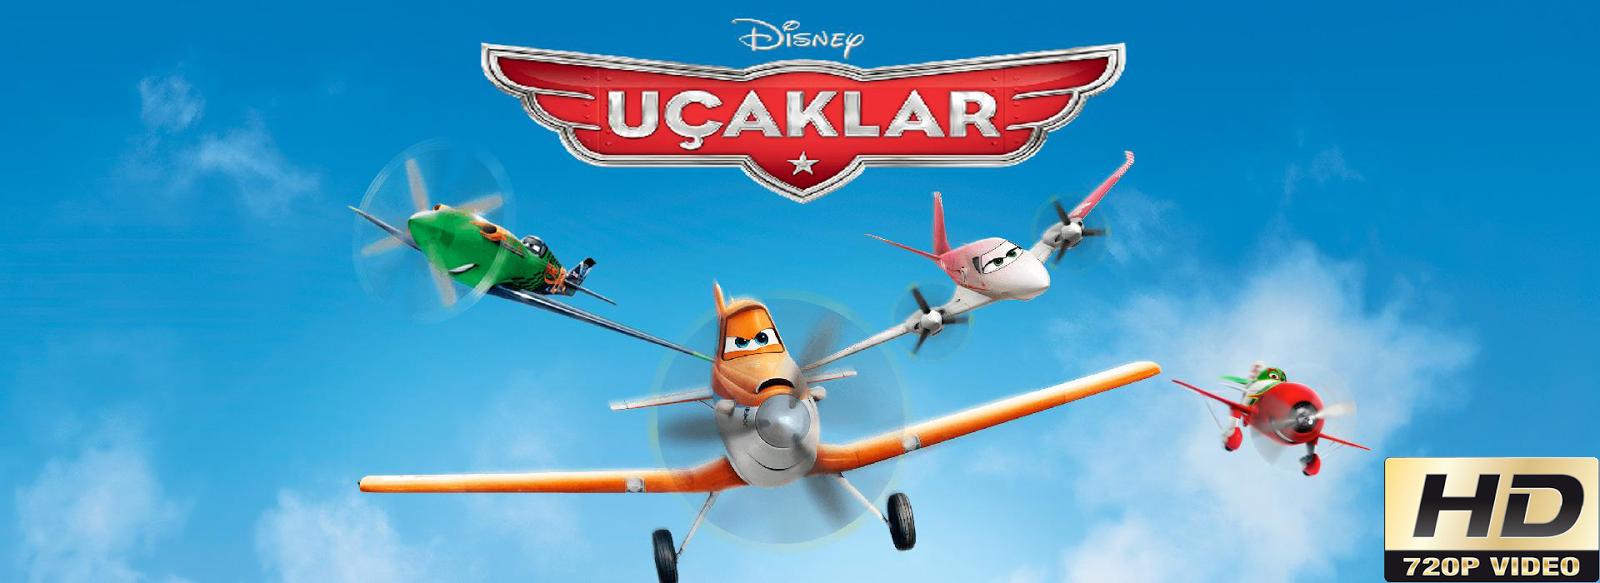 Uçaklar - Planes 2013 720p HD Türkçe Dublaj Film İndir